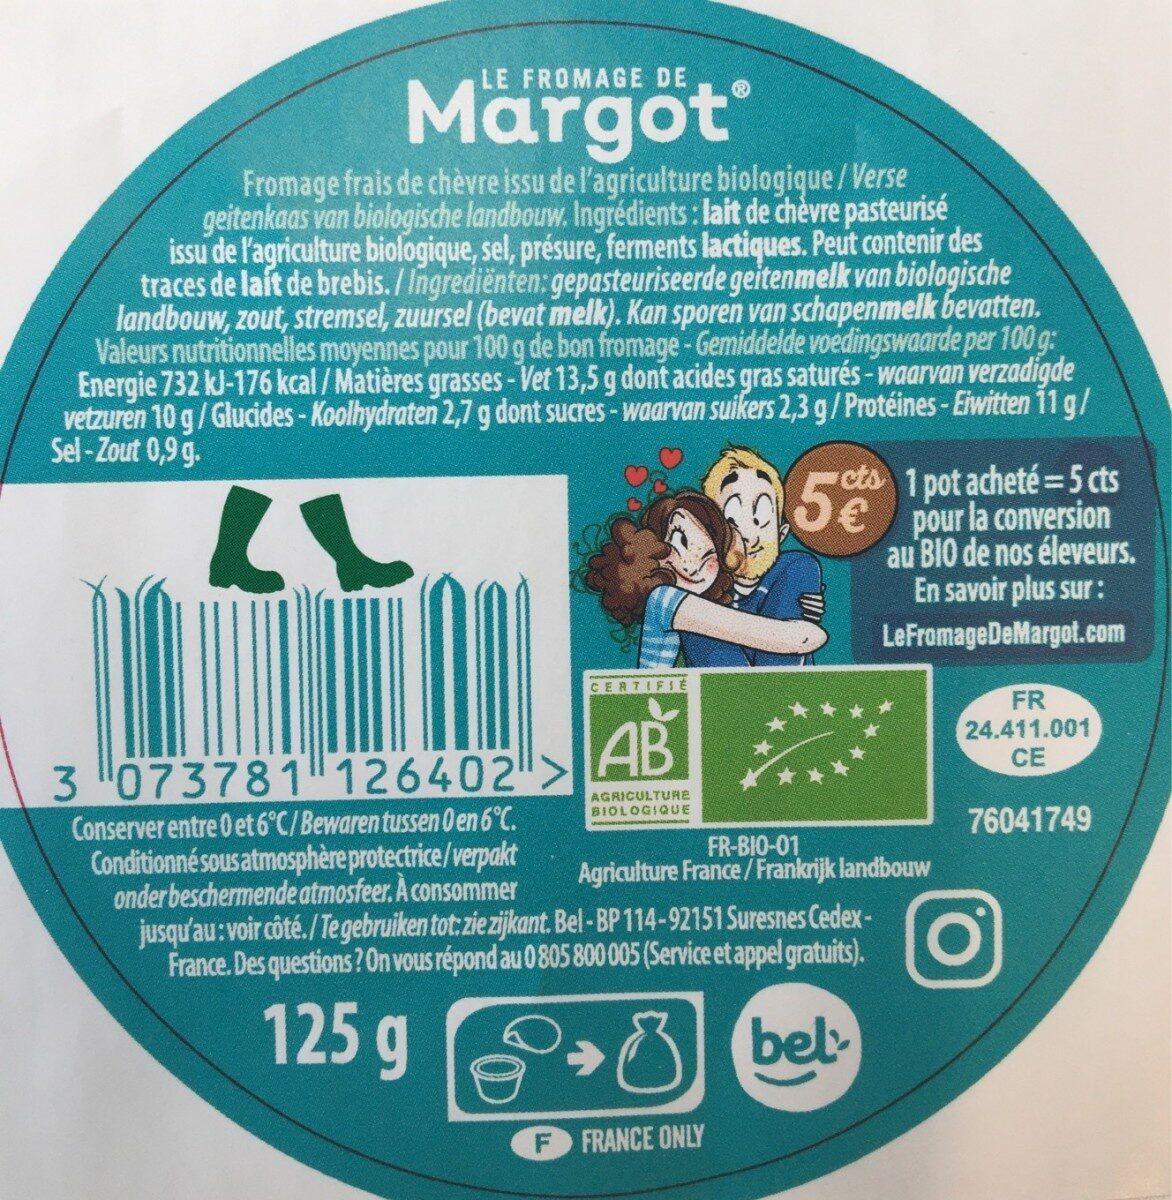 Le Fromage de Margot - Nutrition facts